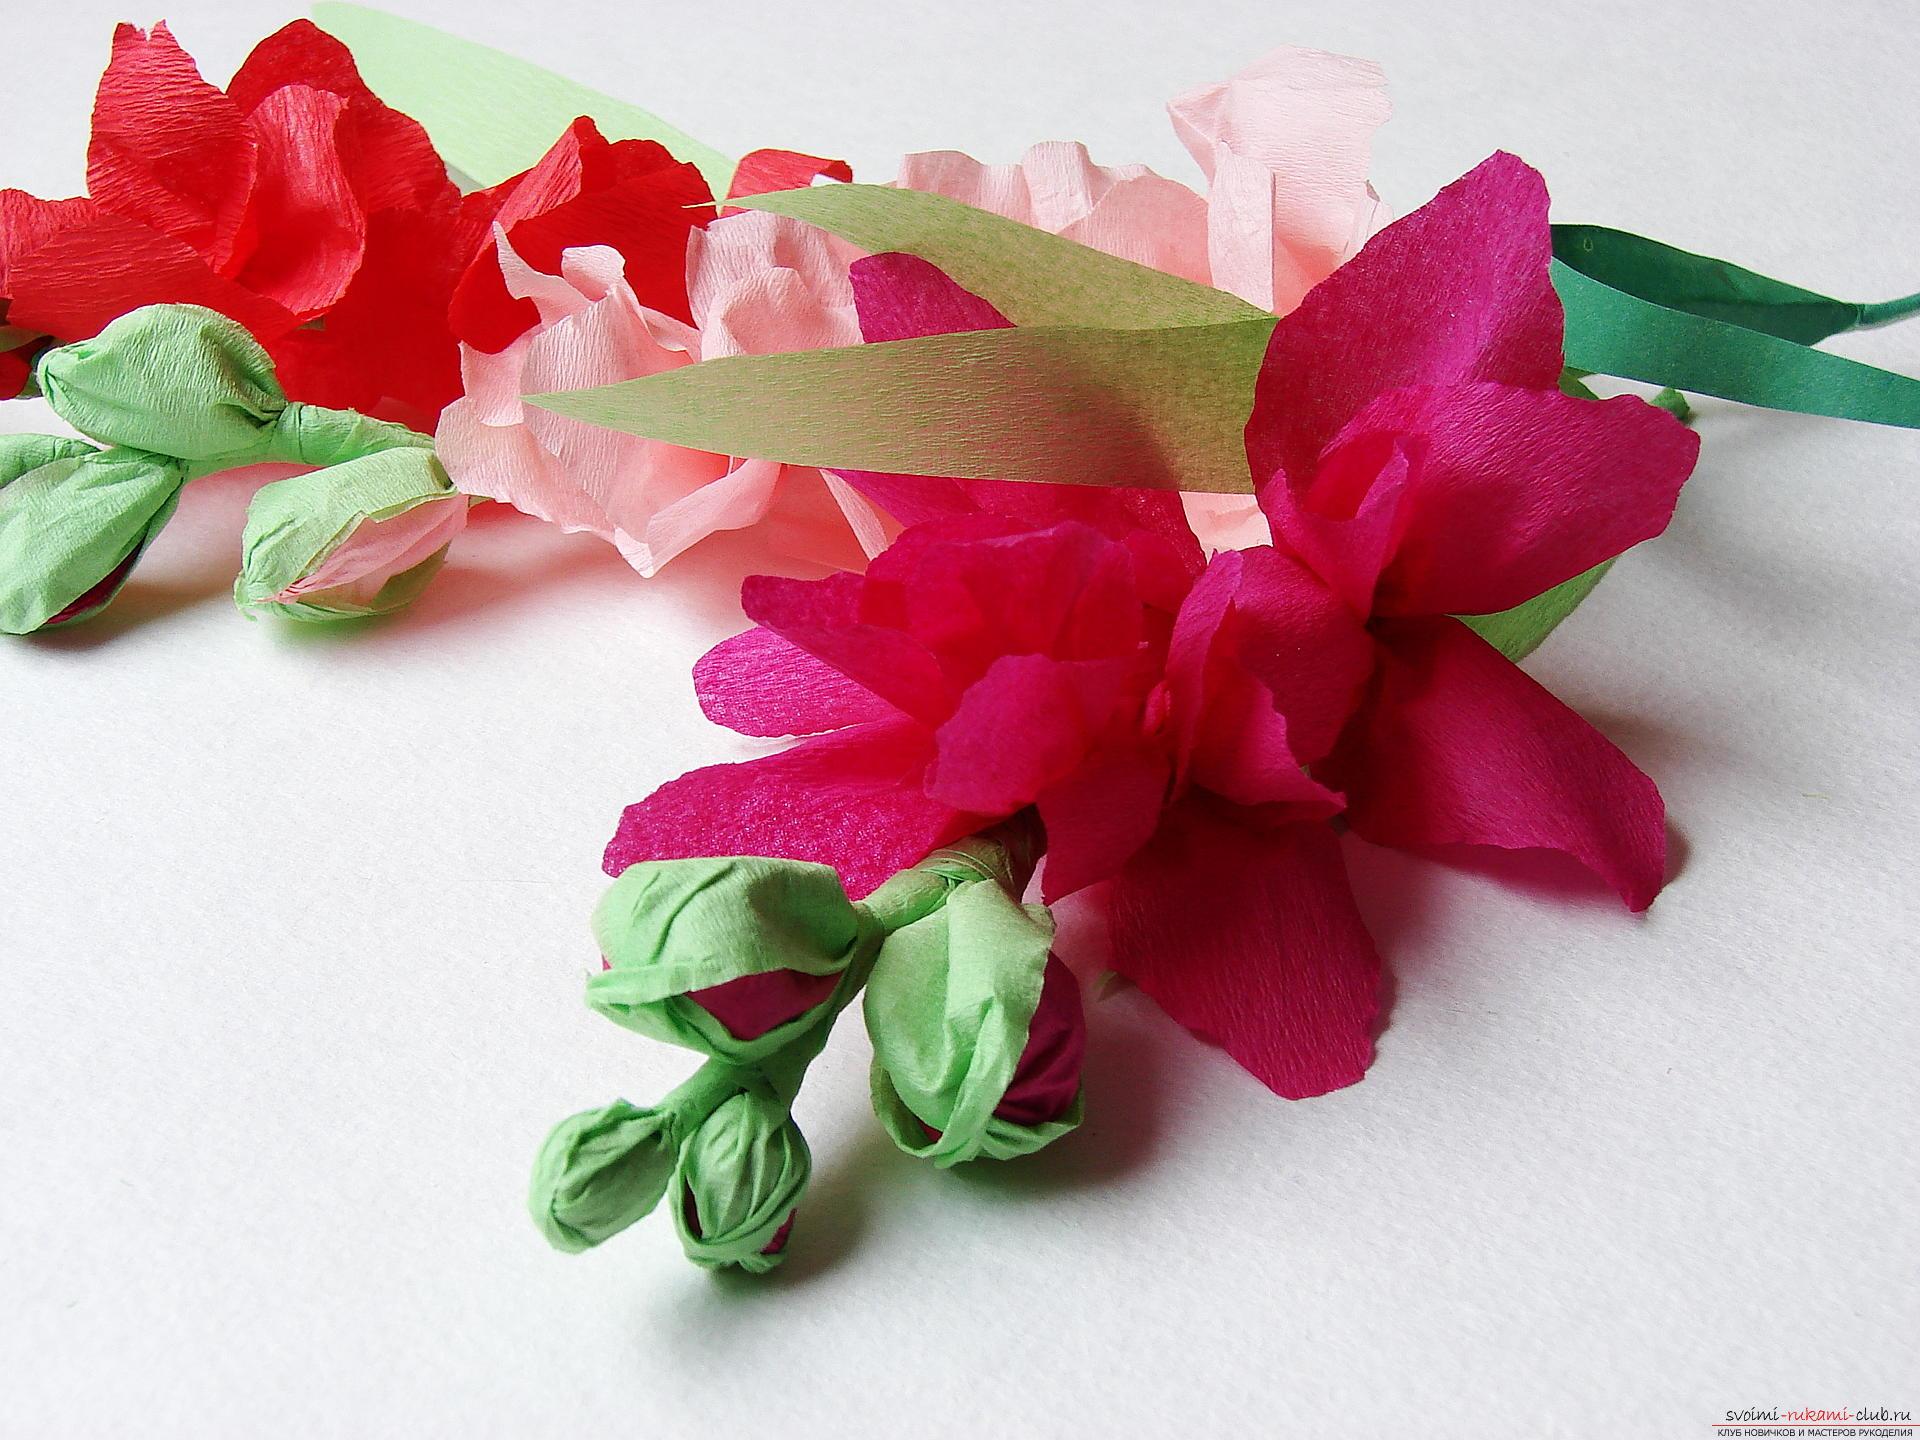 Этот мастер-класс научит как сделать цветы гладиолусы из бумаги своими руками.. Фото №31